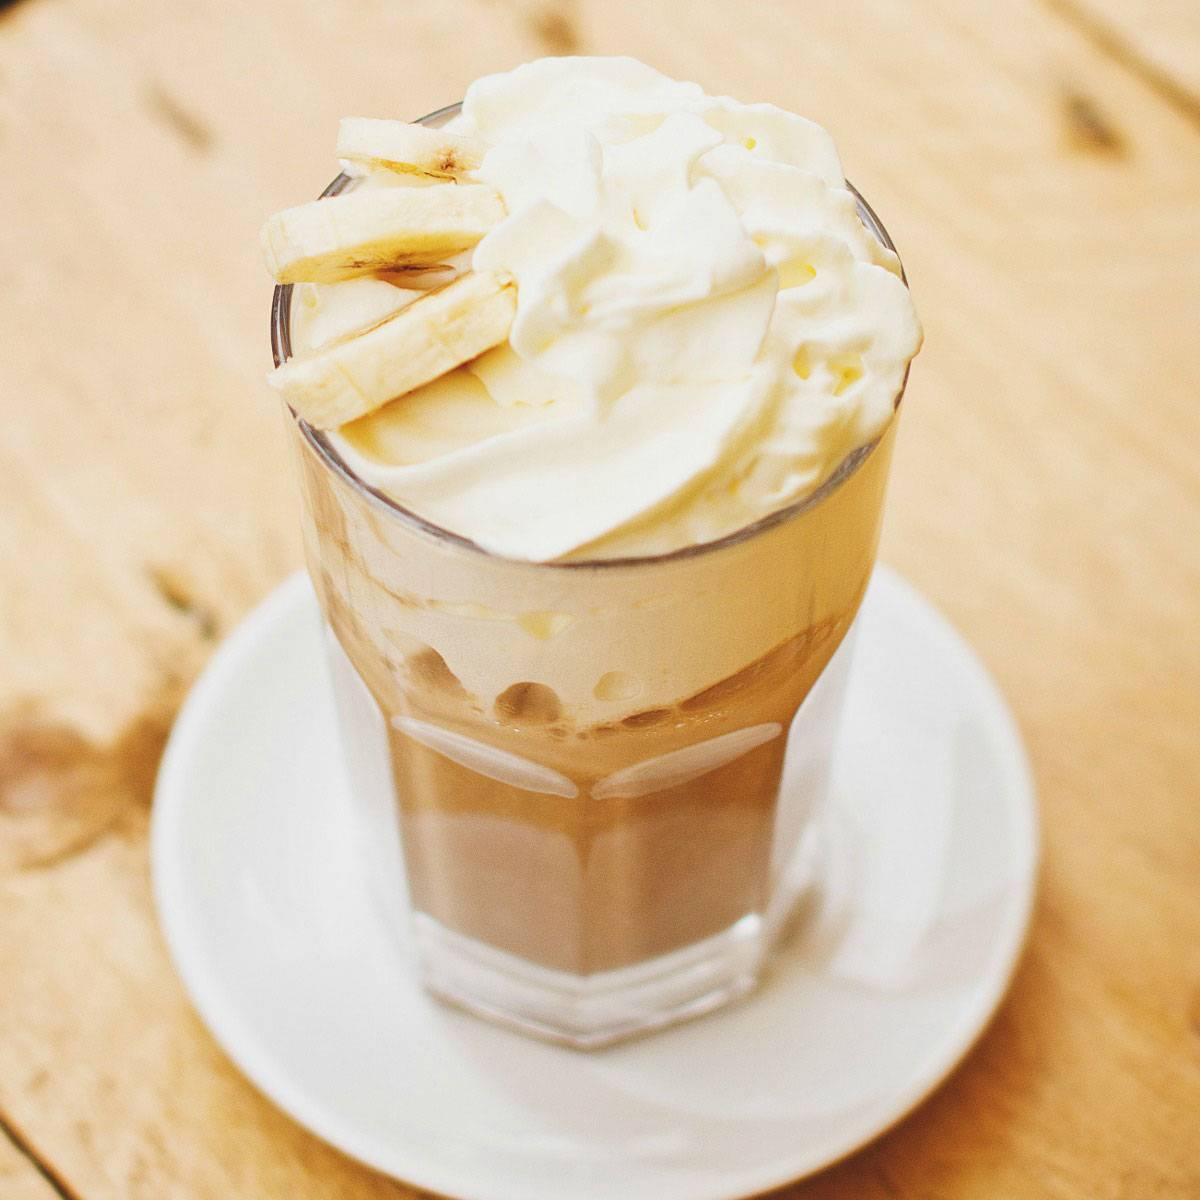 Кофе гляссе: рецепты приготовления в домашних условиях